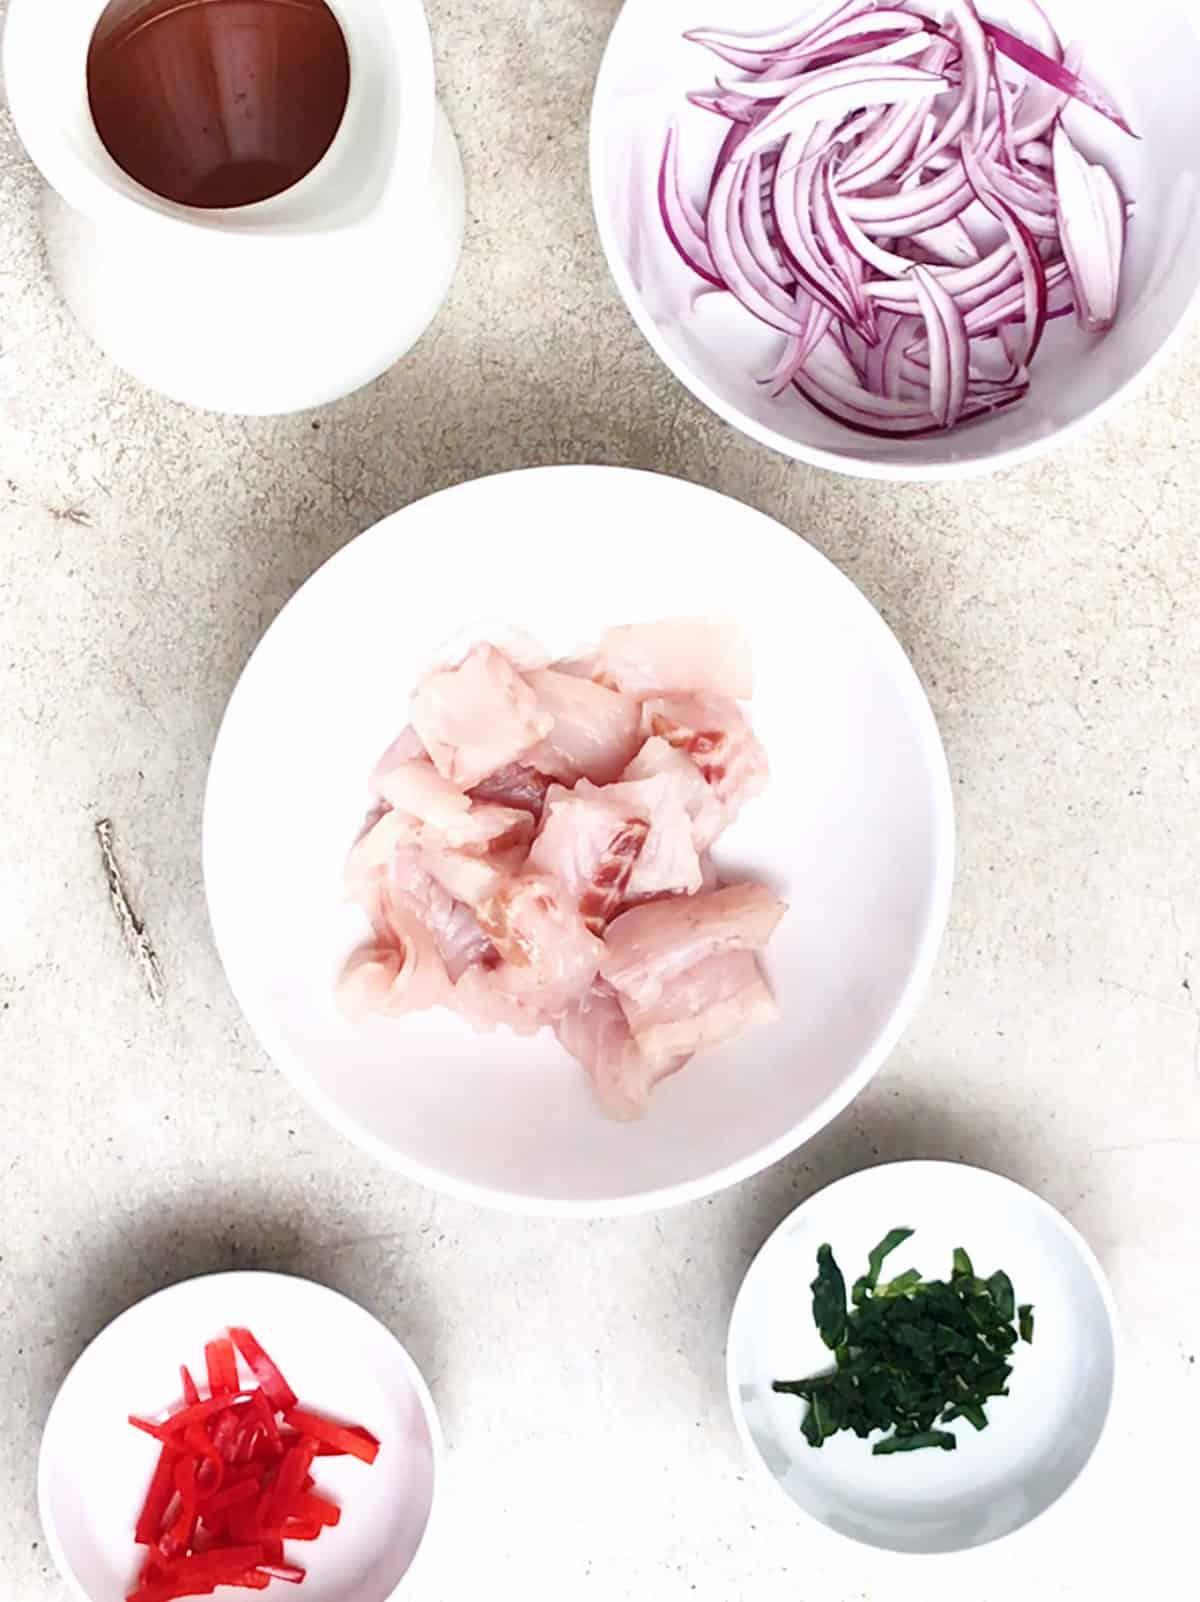 ¿Qué contiene el ceviche de pescado?